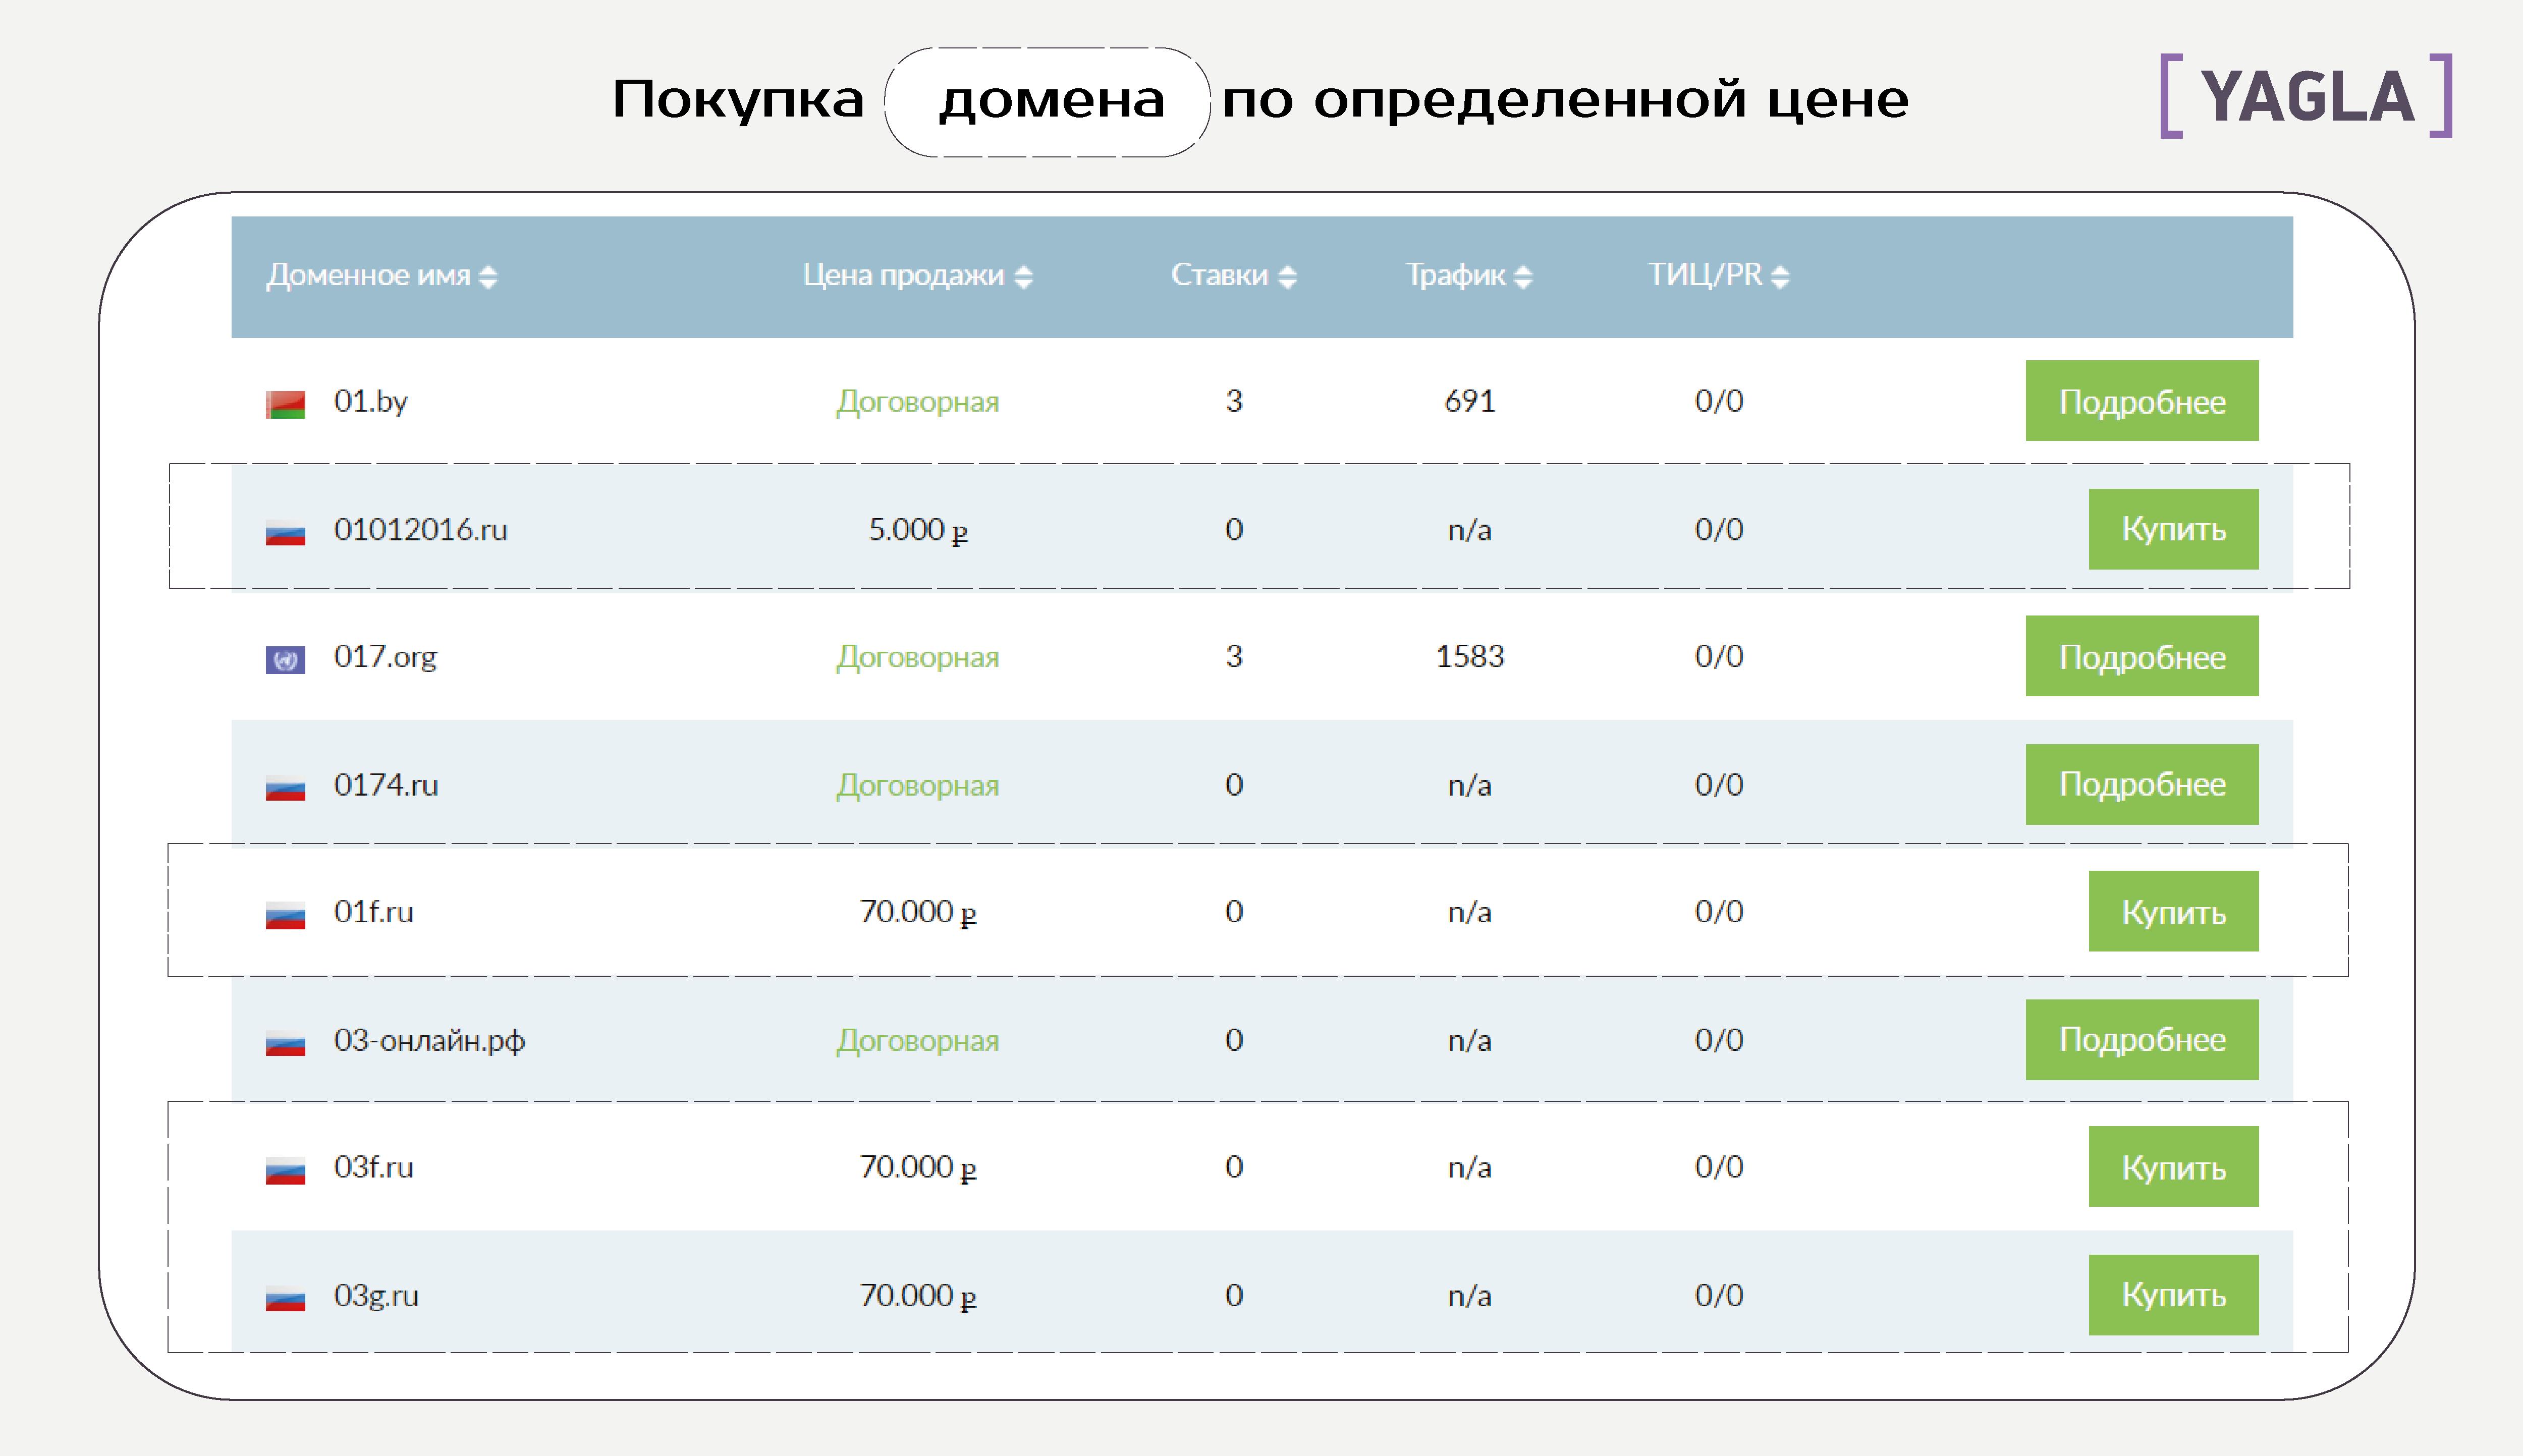 Продажа домена по определенной цене